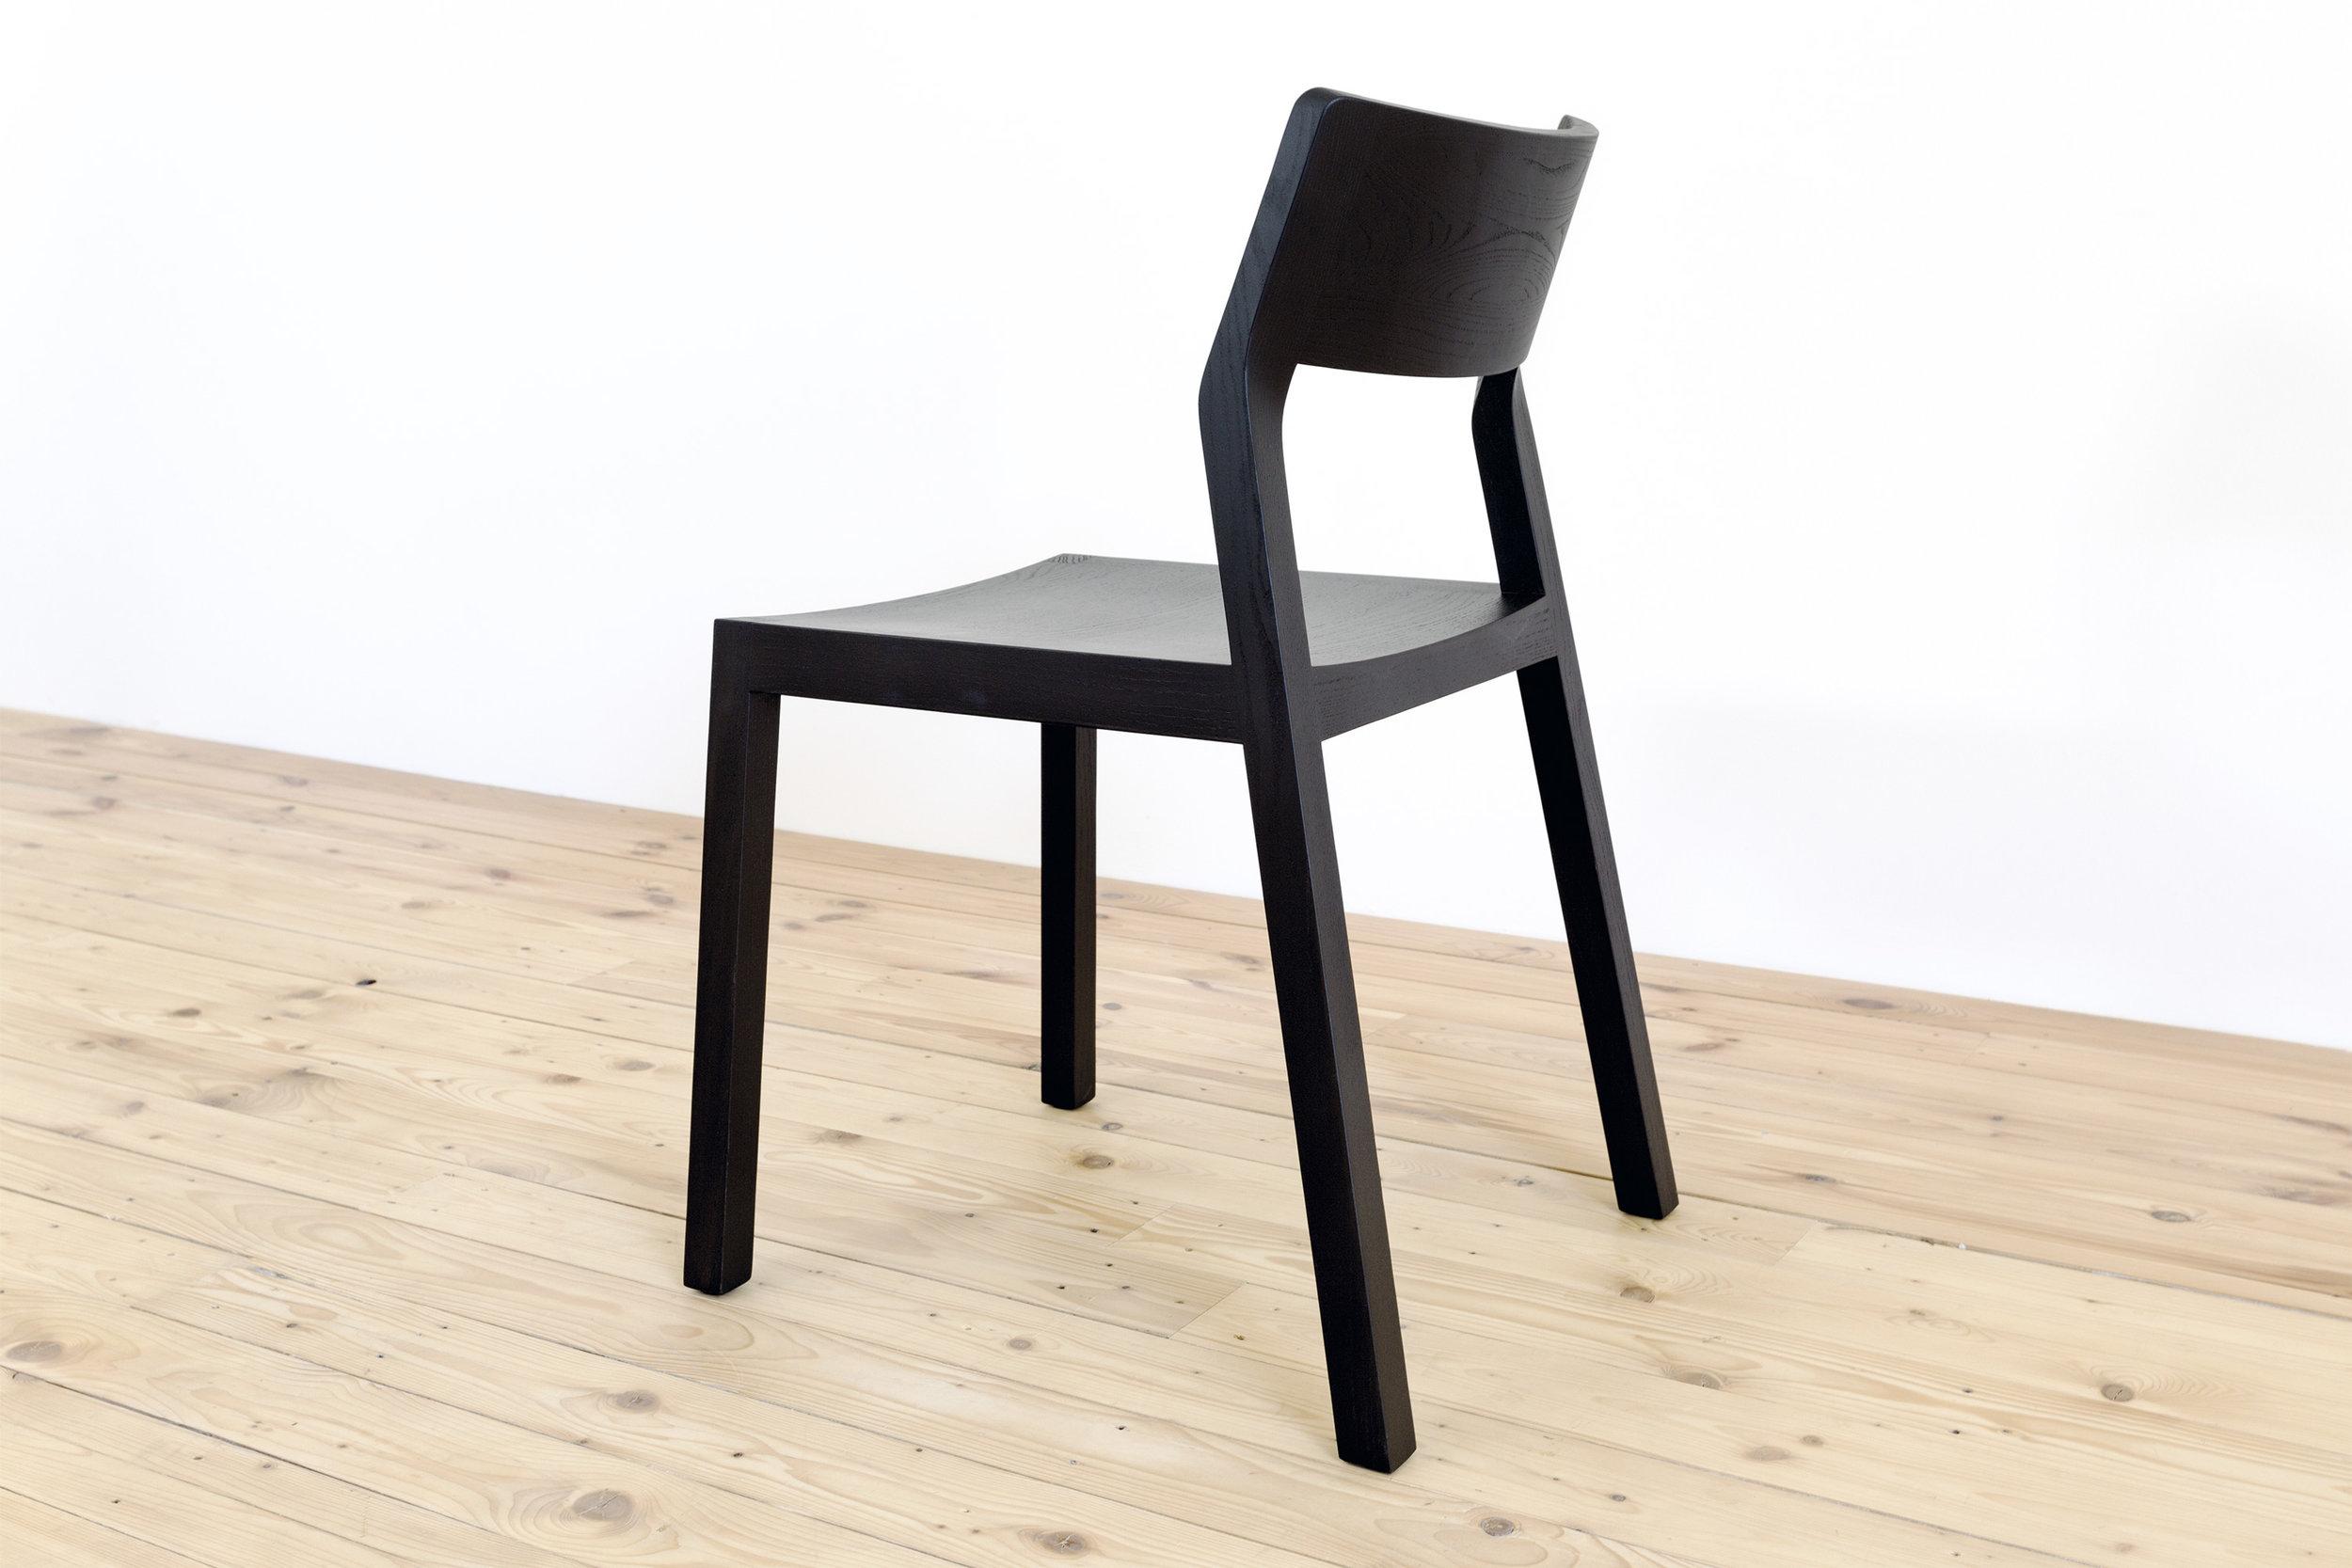 Stuhl-Eiche-Massivholz-minimalistisches-Design-Werktag-Möbel-10.jpg